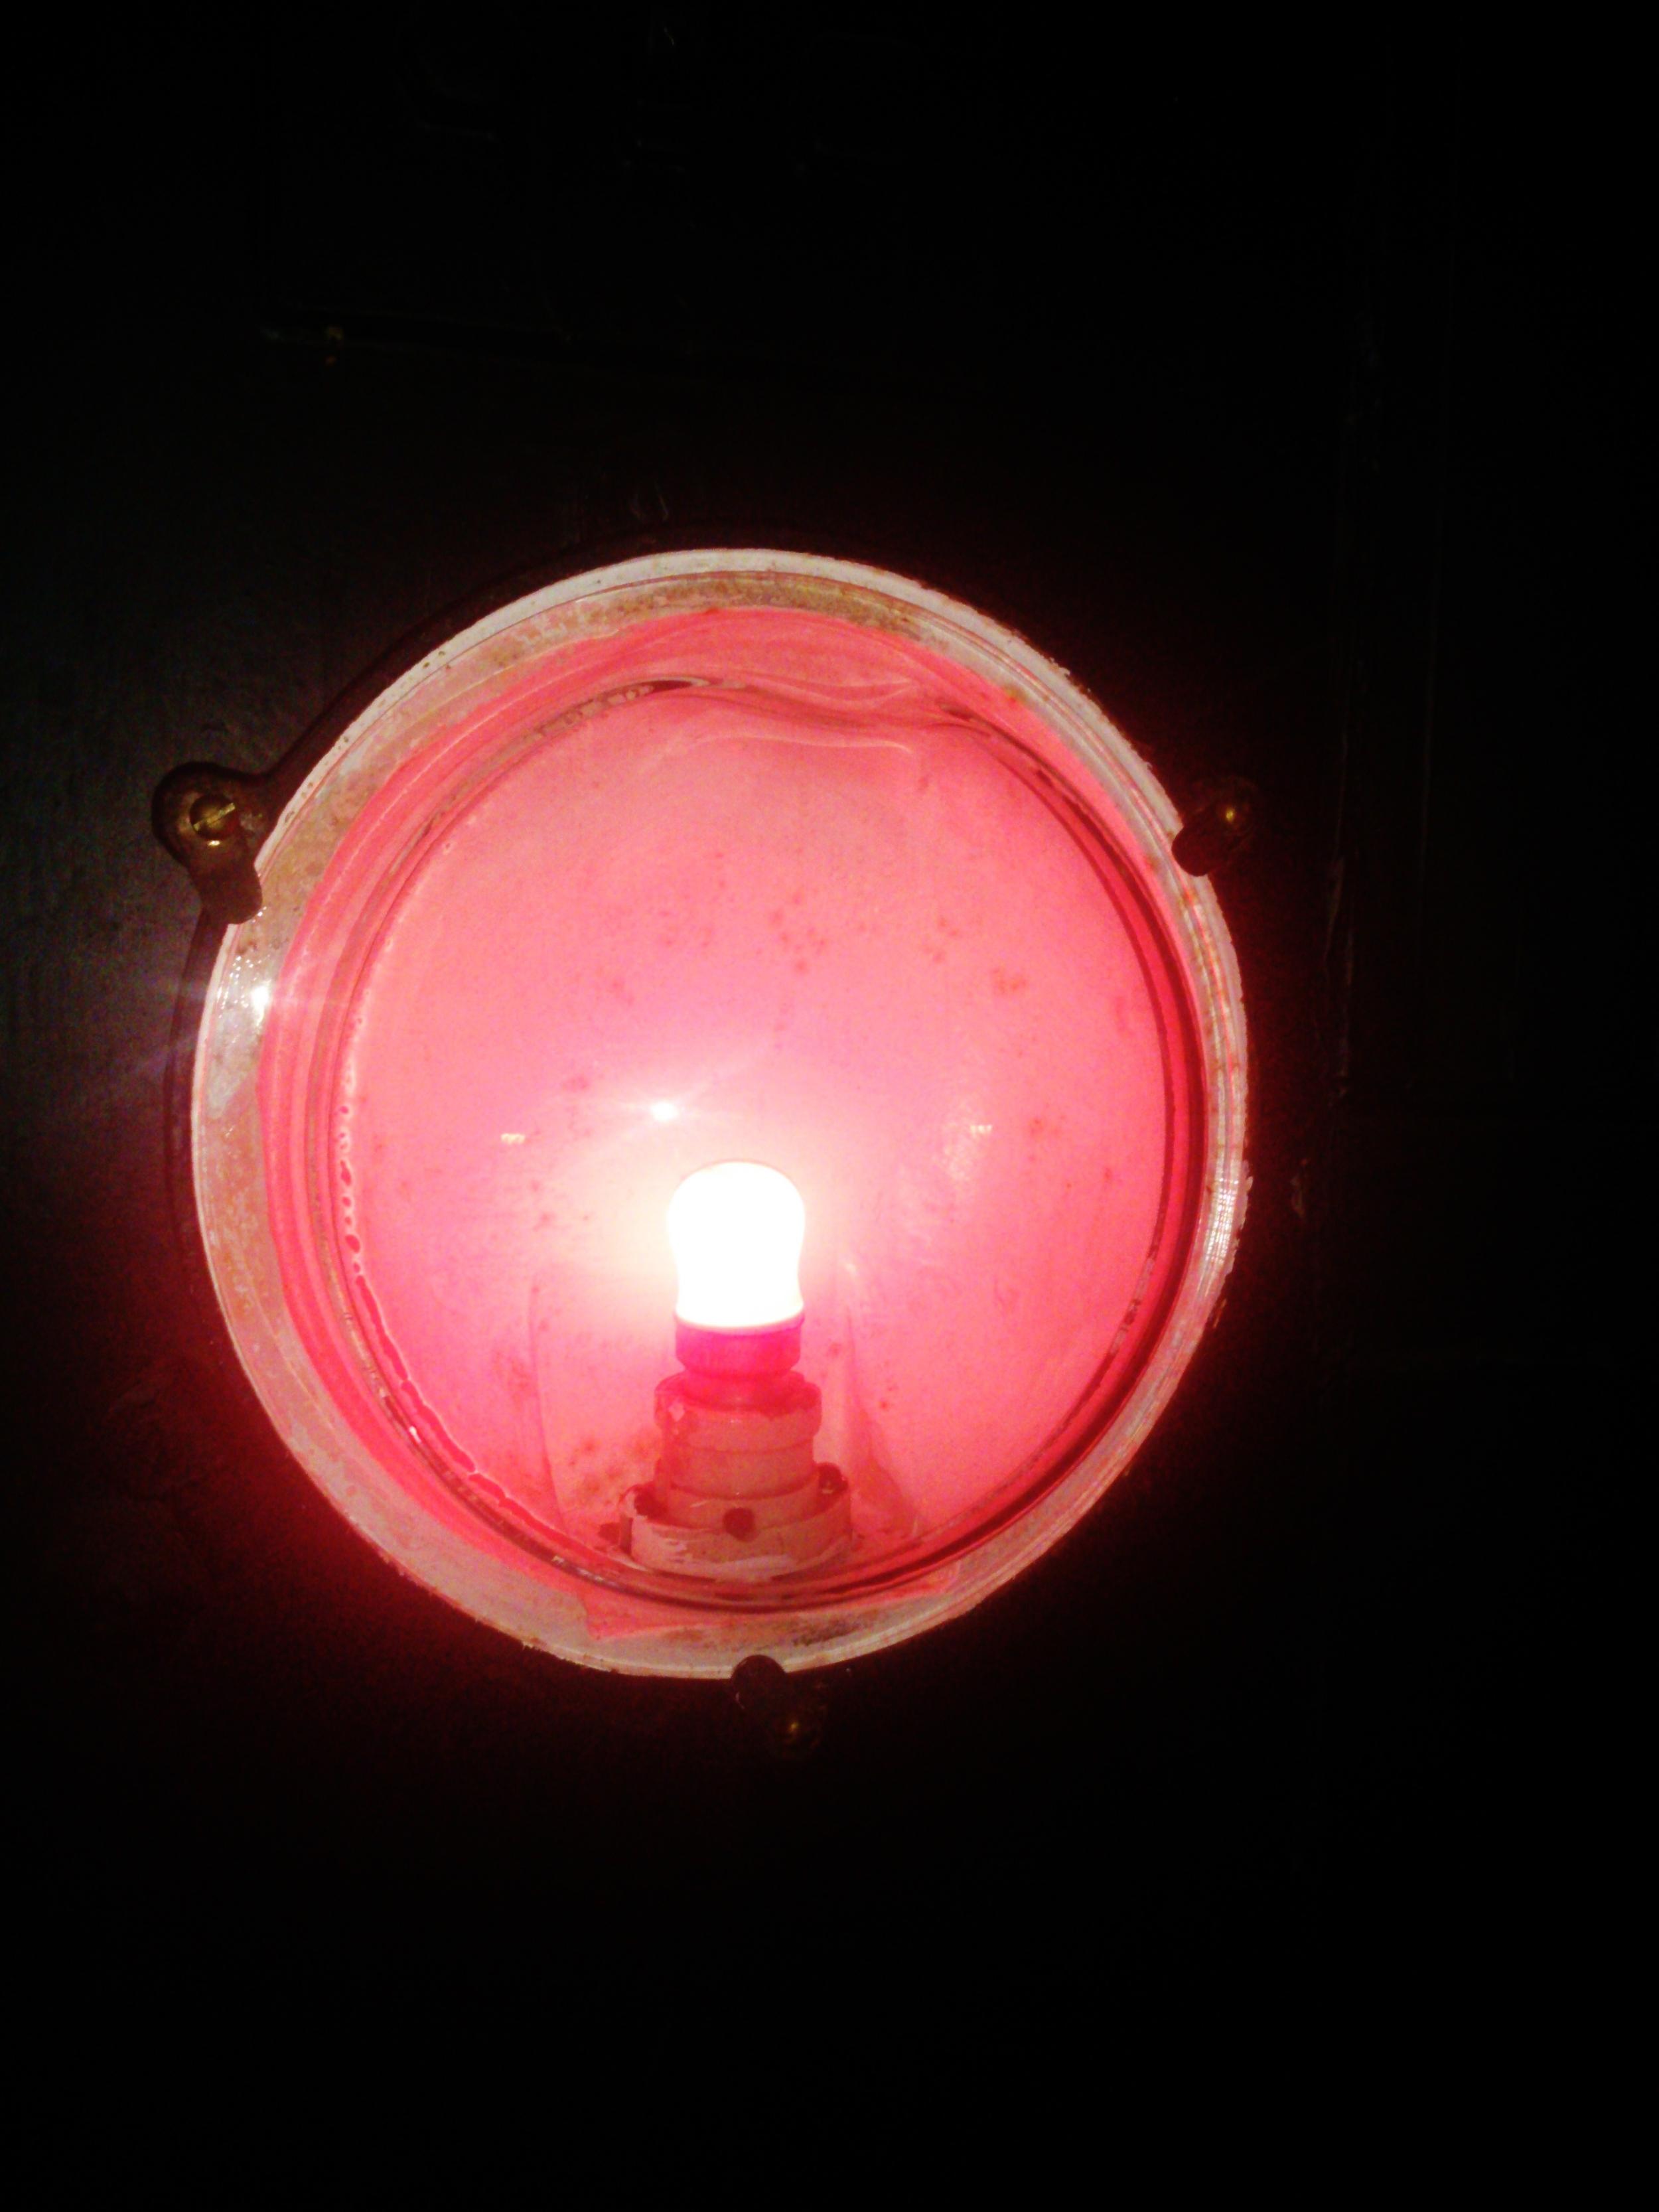 godlee observatory original lamp.jpg